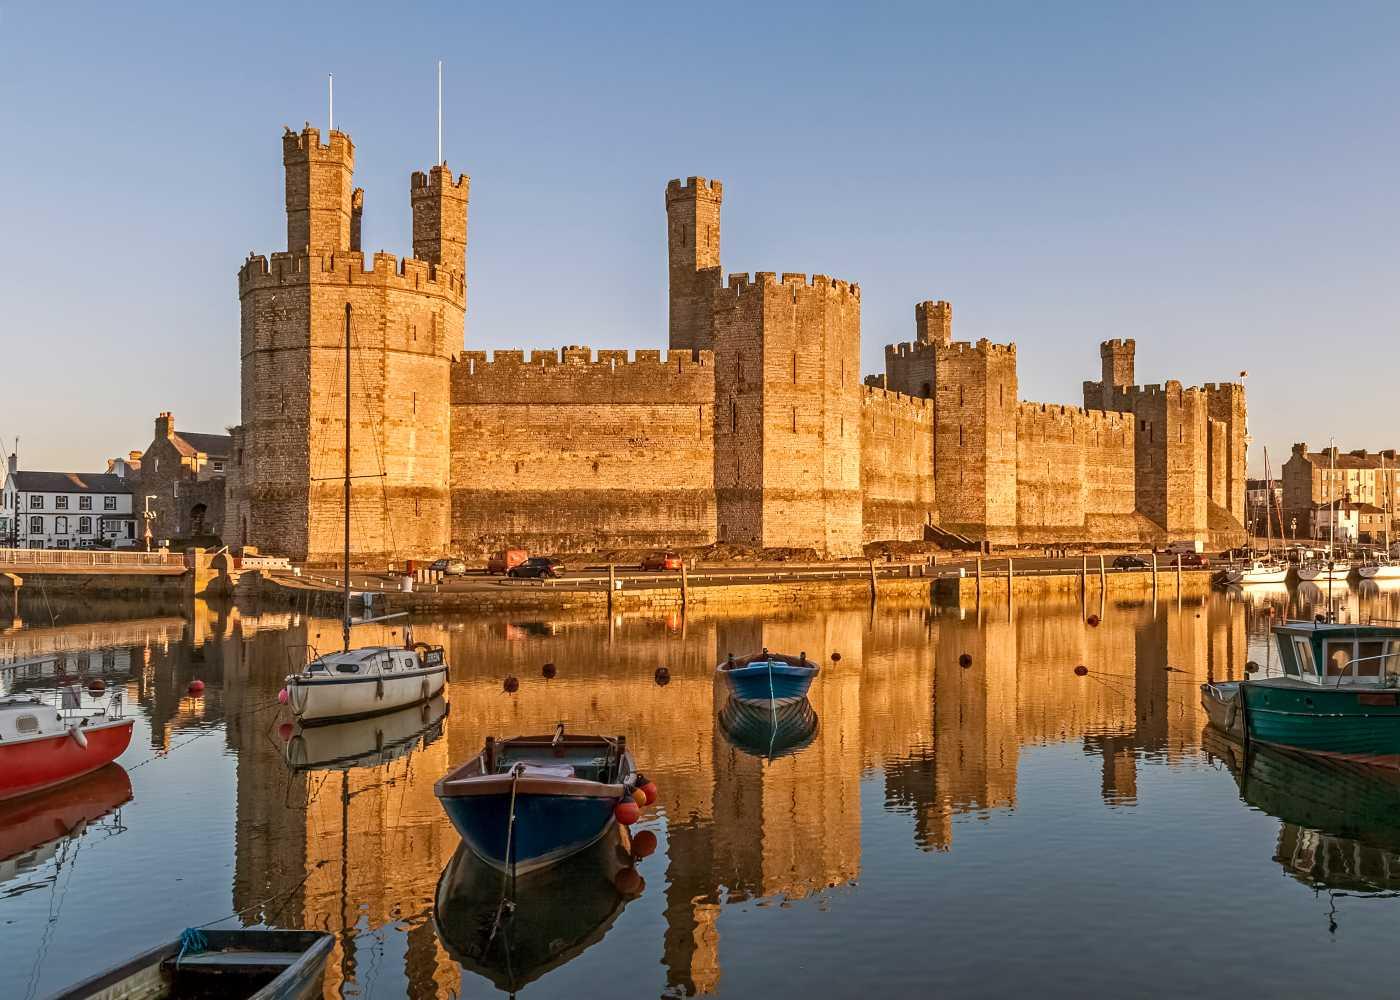 País de Gales: viagem de sonho a uma fatia do Reino Unido